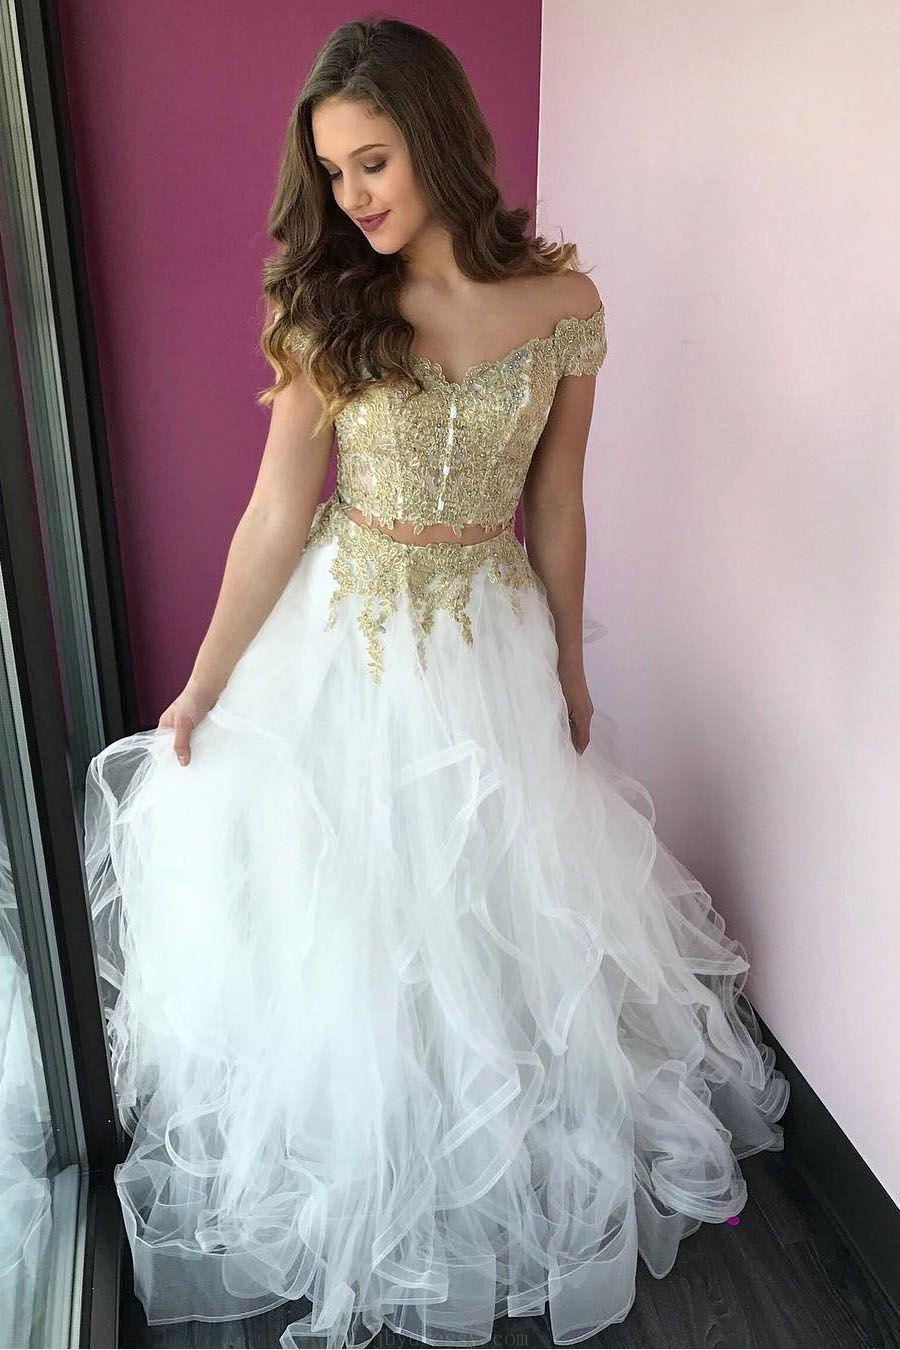 Soft prom dresses long prom dresses prom dresses white prom